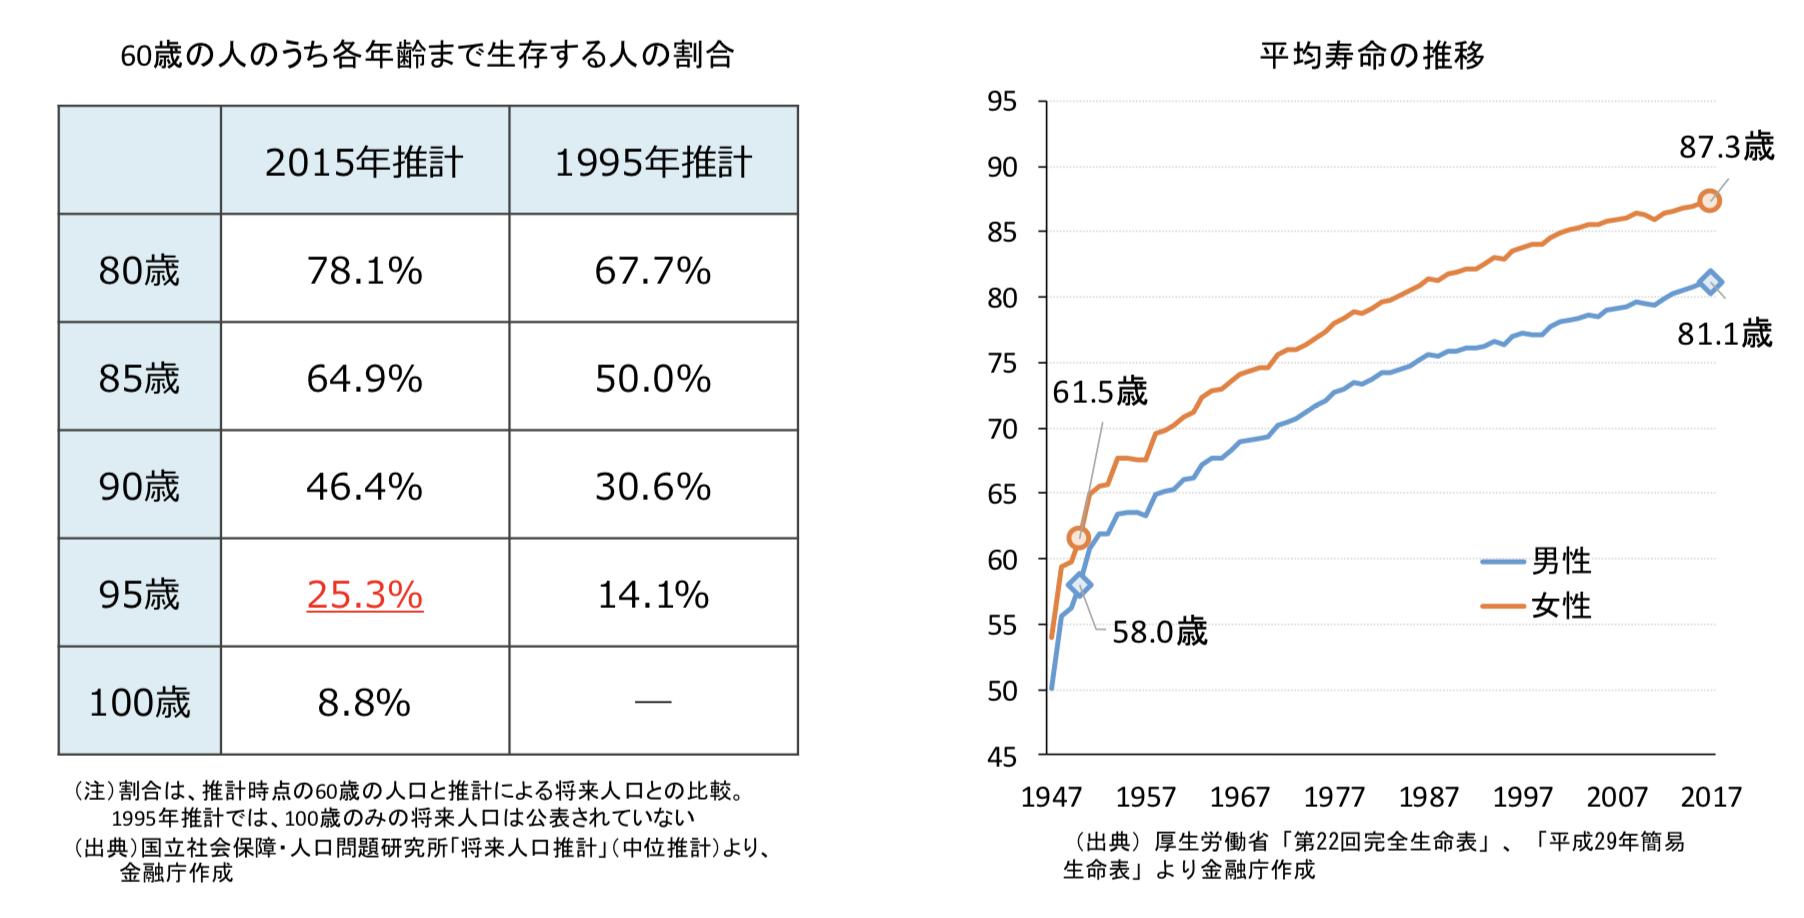 95歳まで生きる人が25%の統計